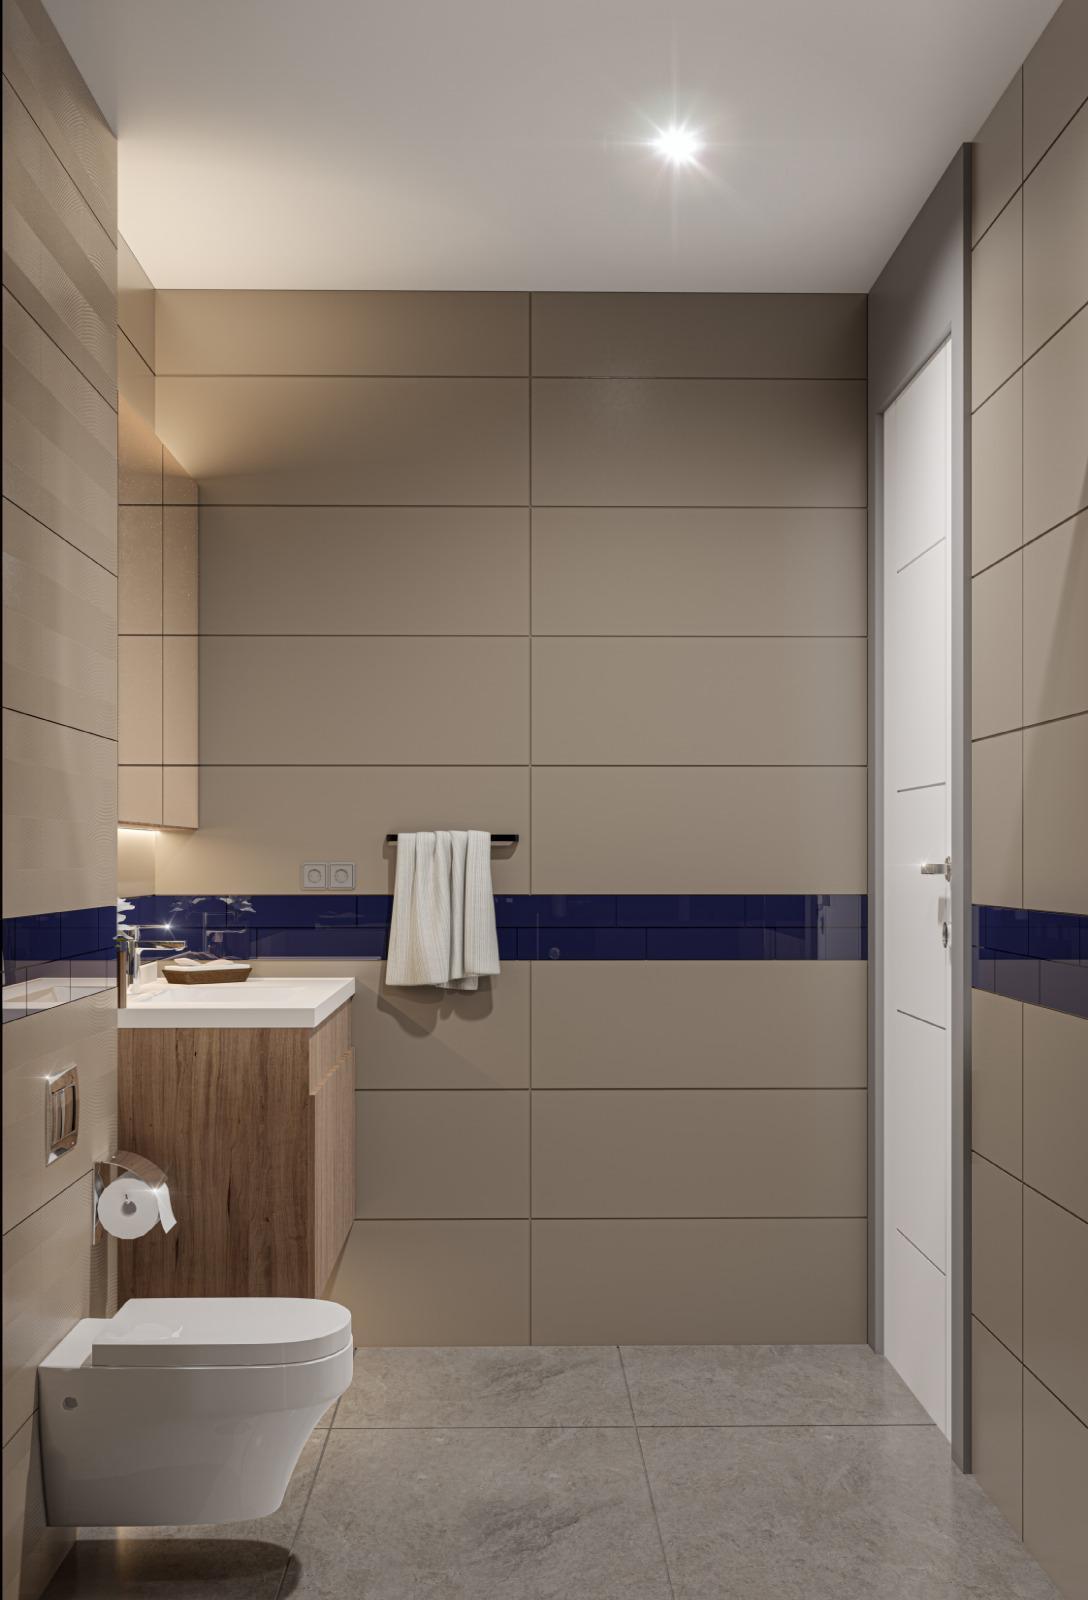 Инвестиционный проект жилого комплекса в Анталье - Фото 9